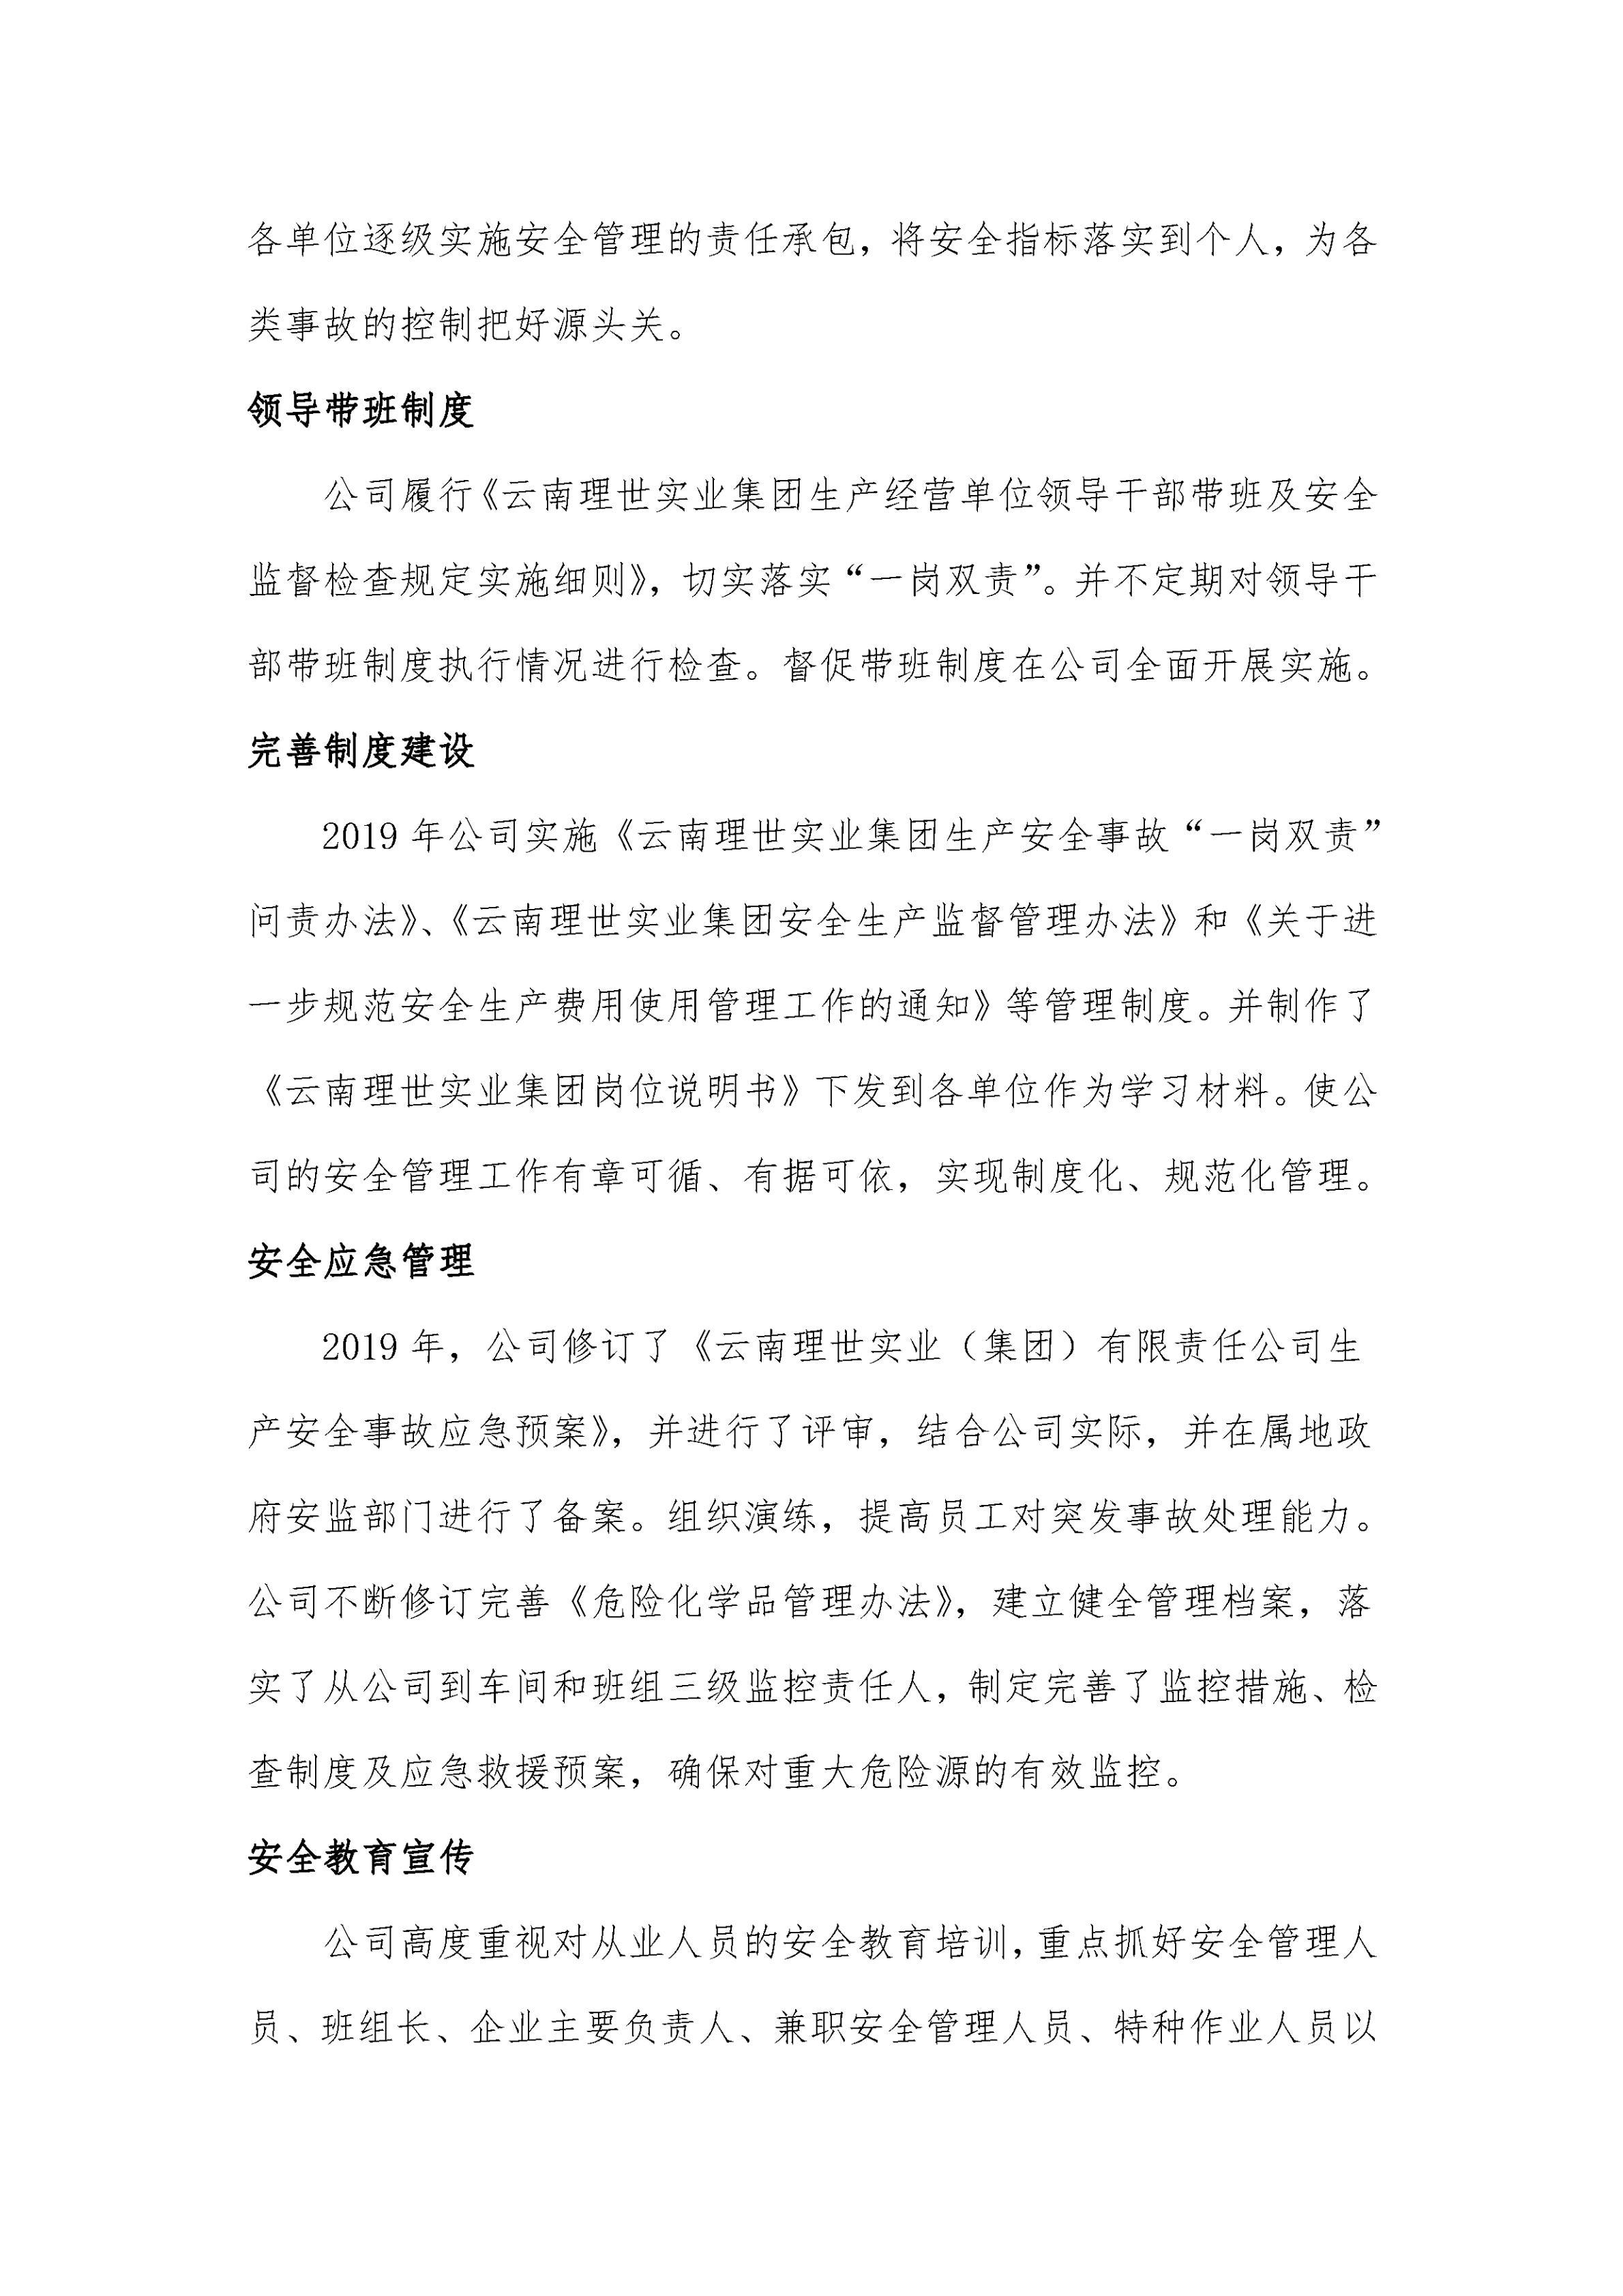 云南理世实业(集团)有限责任公司2019年社会责任报告.FR11_08.jpg